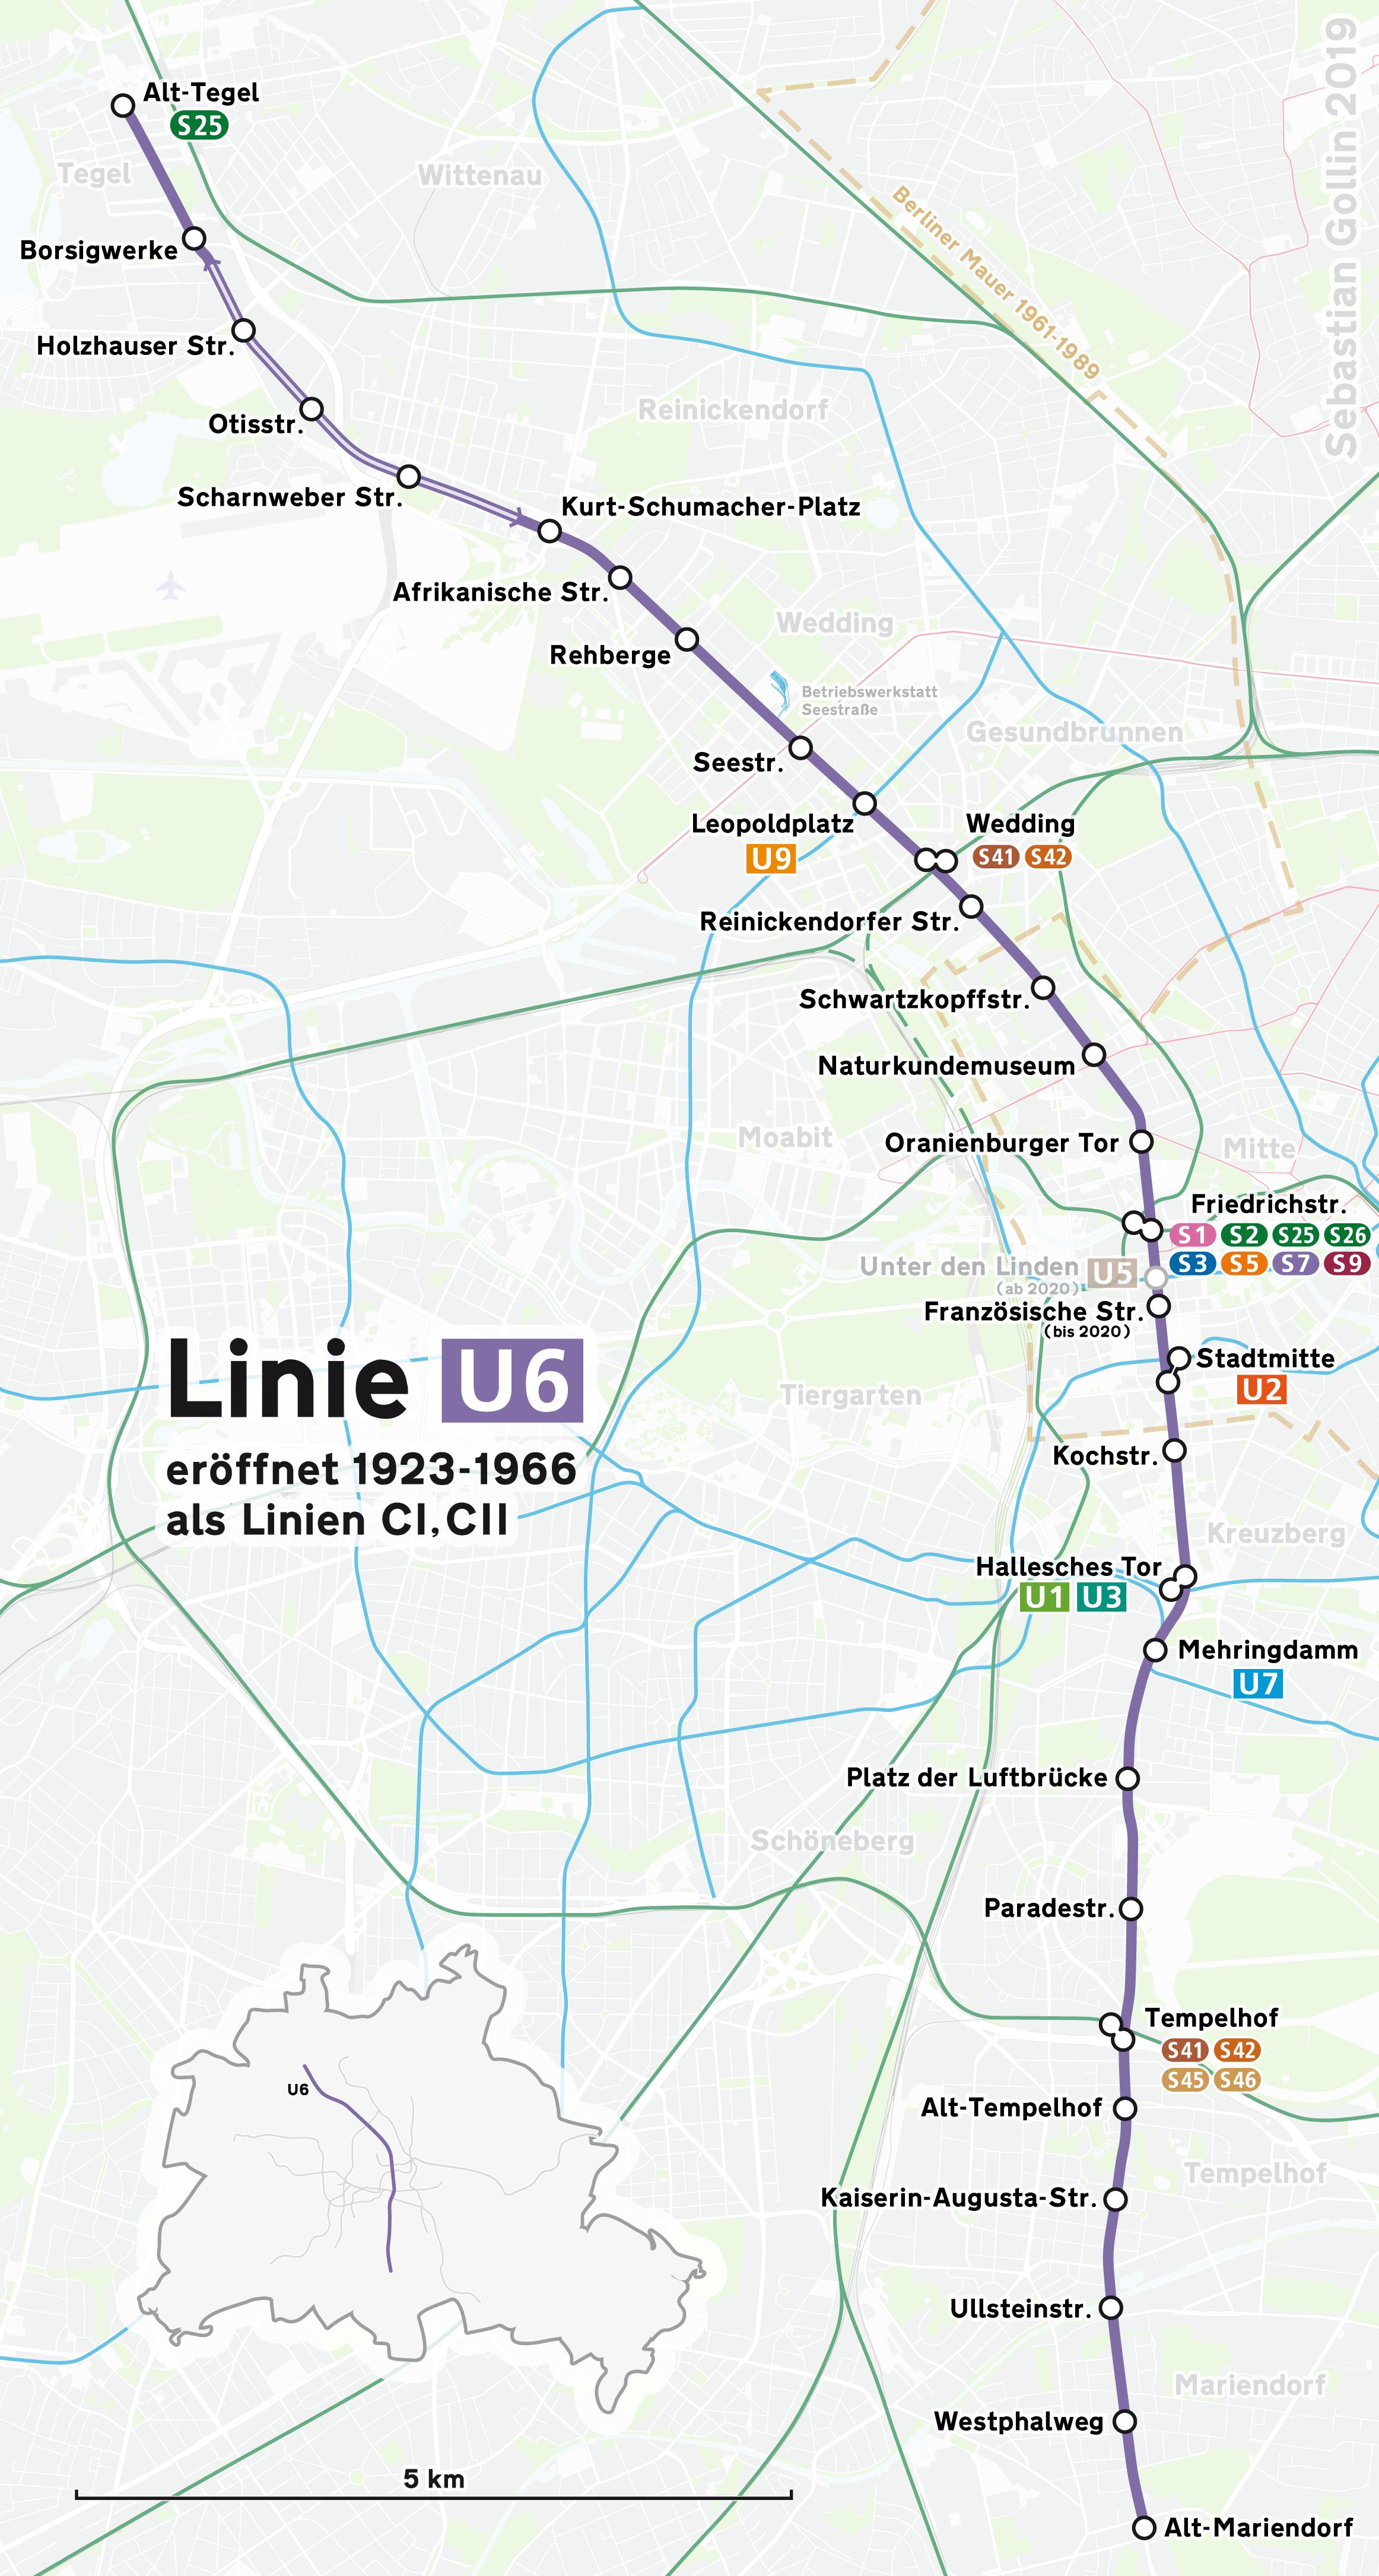 U Bahn Linie 6 Berlin Wikipedia